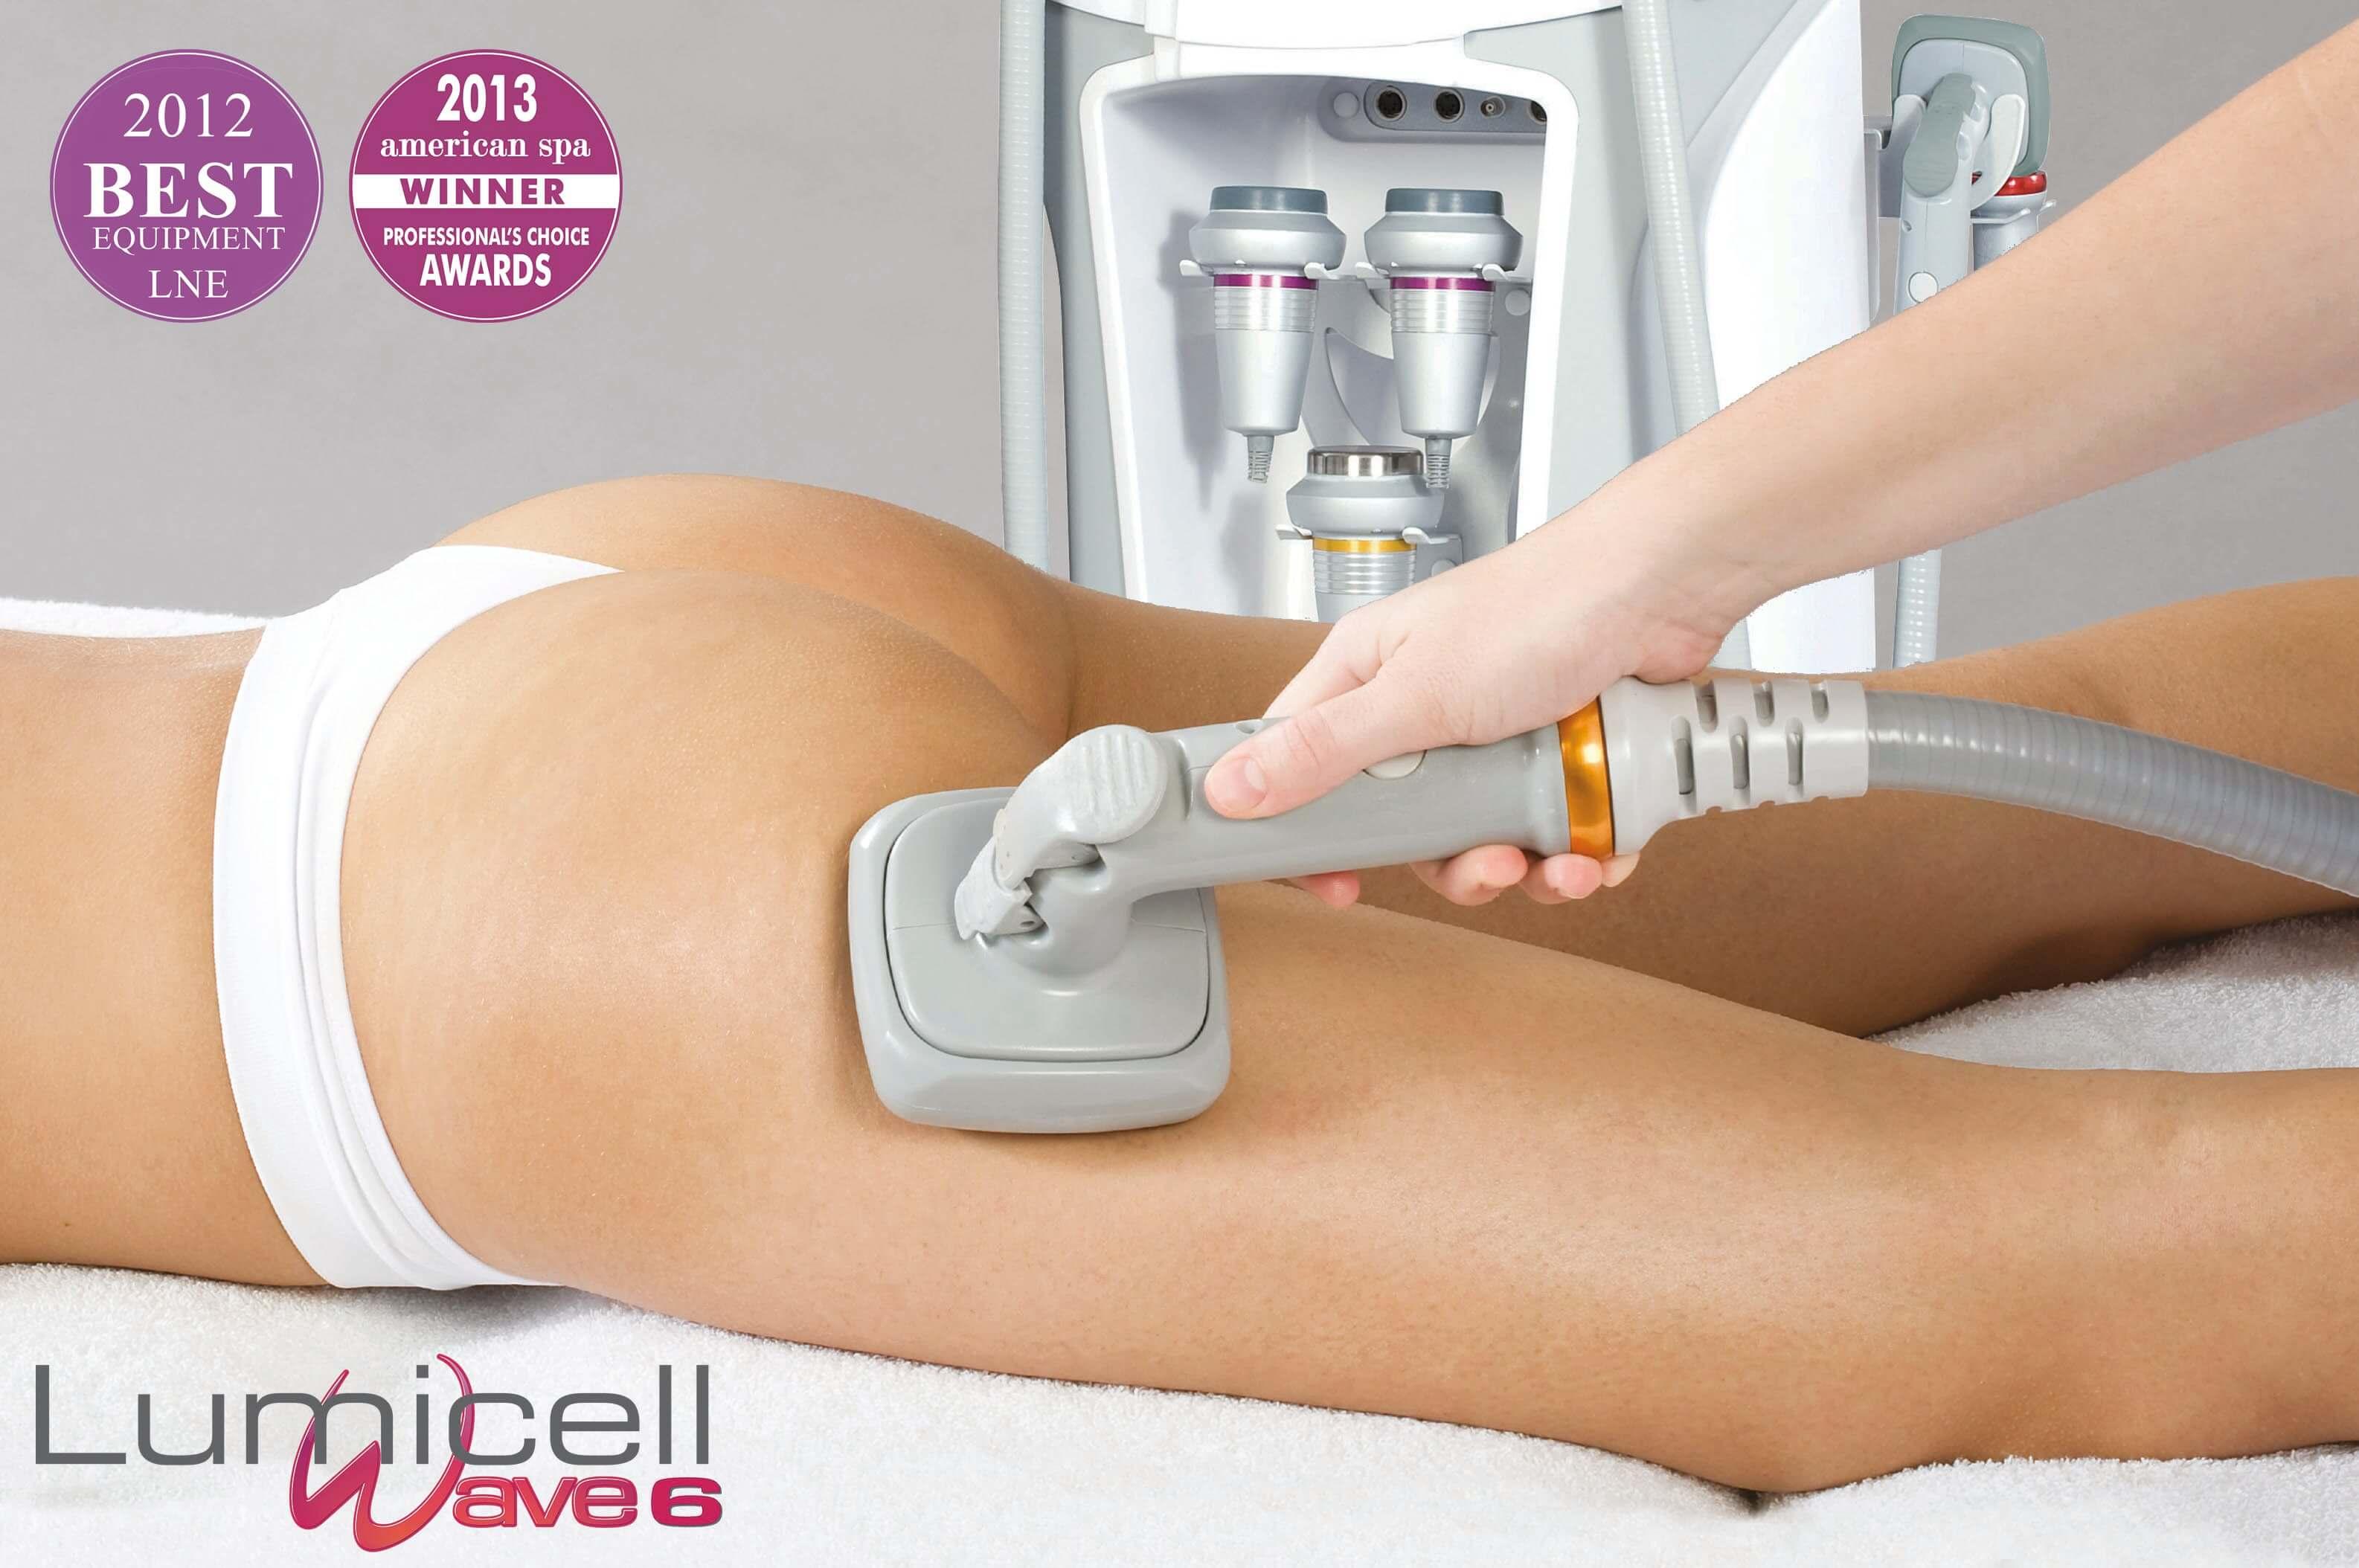 Lumicell Wave 6 - naujausios technologijos celiulito mažinimui ir kūno modeliavimui klinikoje SUGIHARA